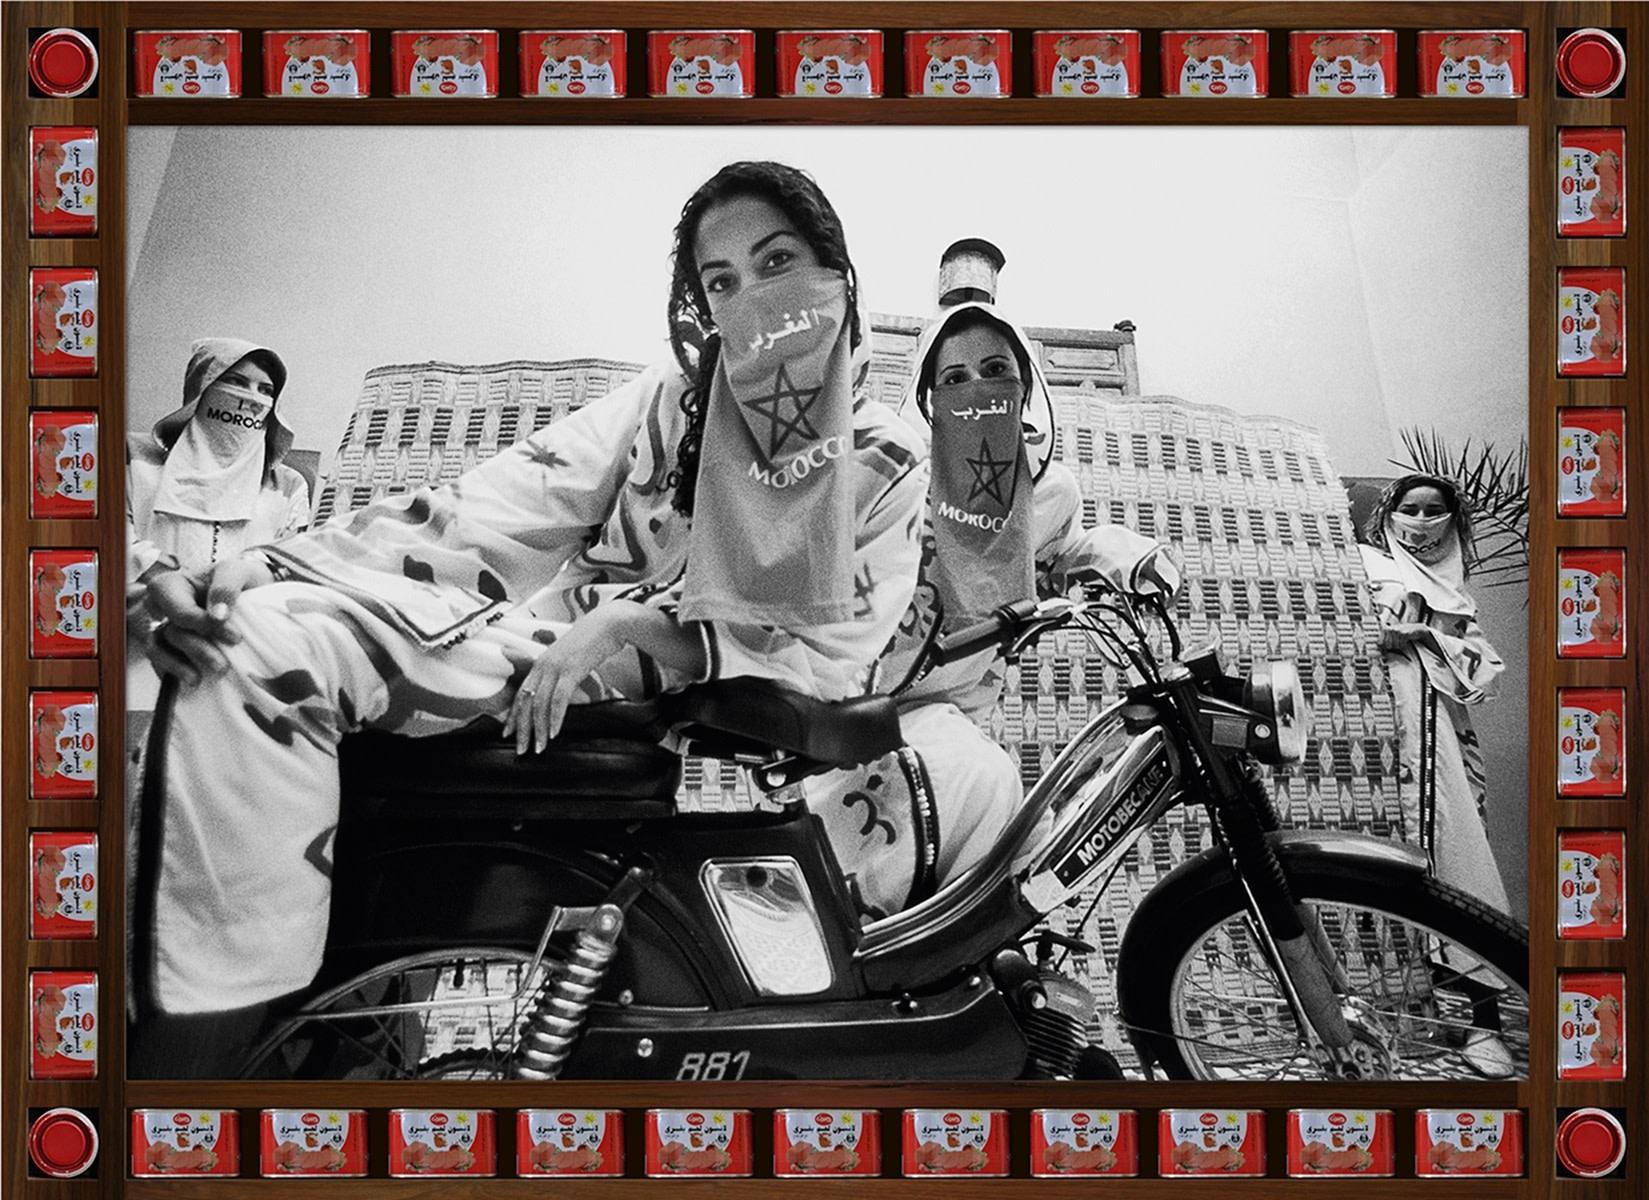 Hassan Hajjaj, Love Maroc, 2010/1431